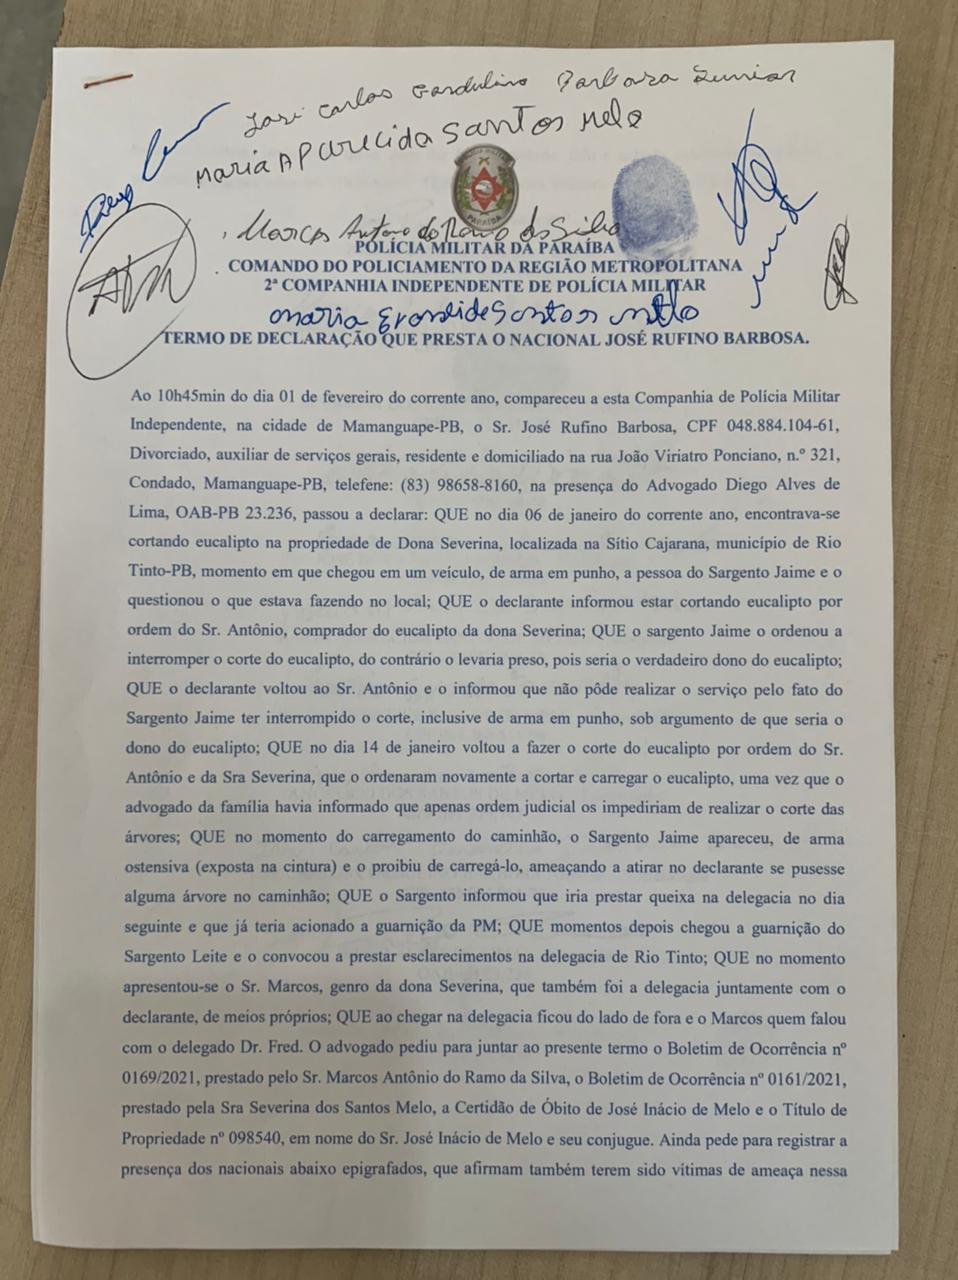 """WhatsApp Image 2021 02 01 at 13.37.16 - GRANDE CONFUSÃO! Após tentativa de """"grilagem de terras"""" em Rio TInto, moradores apelam por ajuda do Governo e do Tribunal de Justiça"""